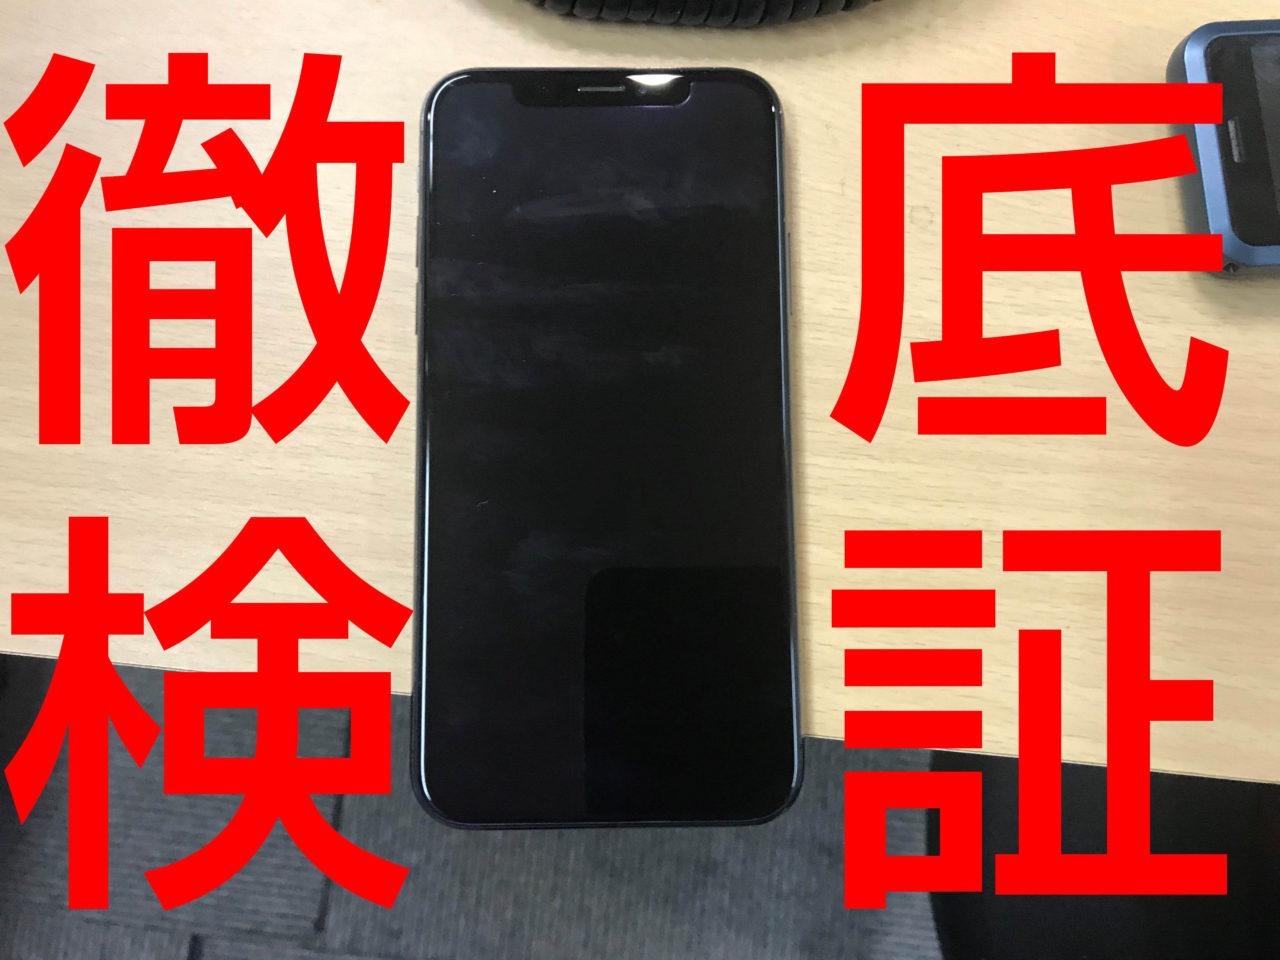 【徹底(?)】iphoneXSは何が違うのか。【検証】